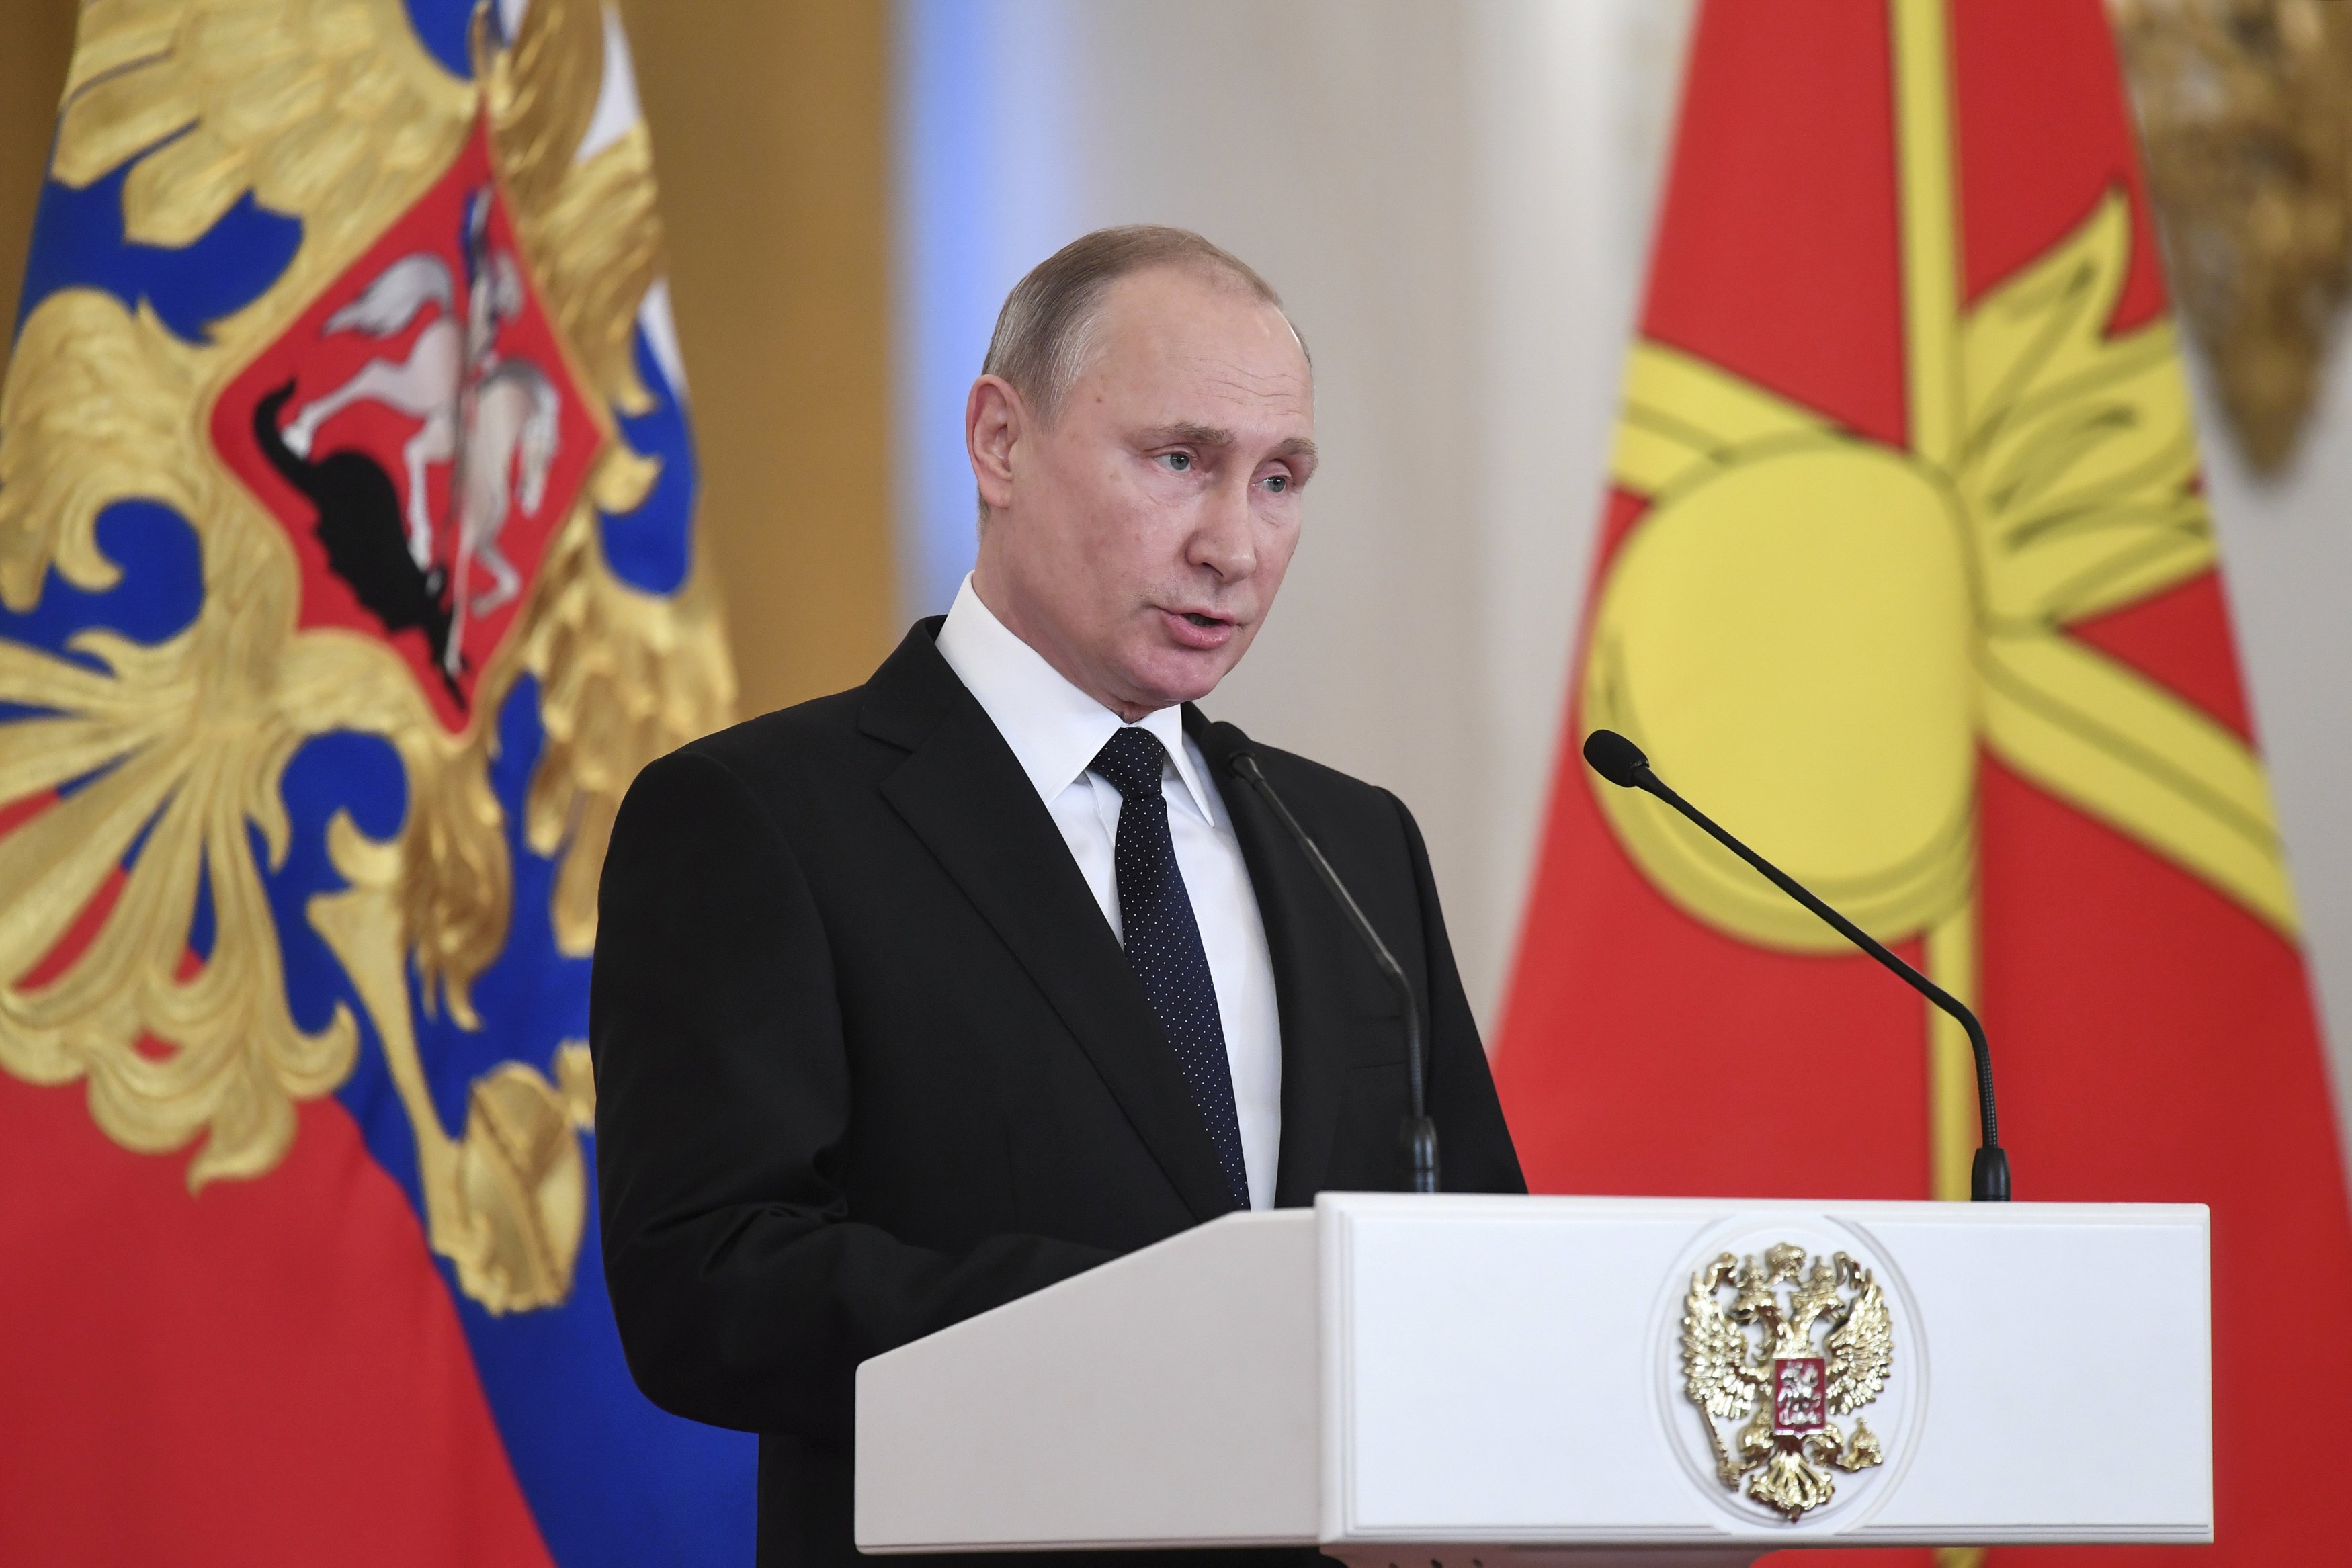 Роман Цимбалюк полагает, что россияне не уйдут с Донбасса, потому что это будет воспринято как слабость Владимира Путина